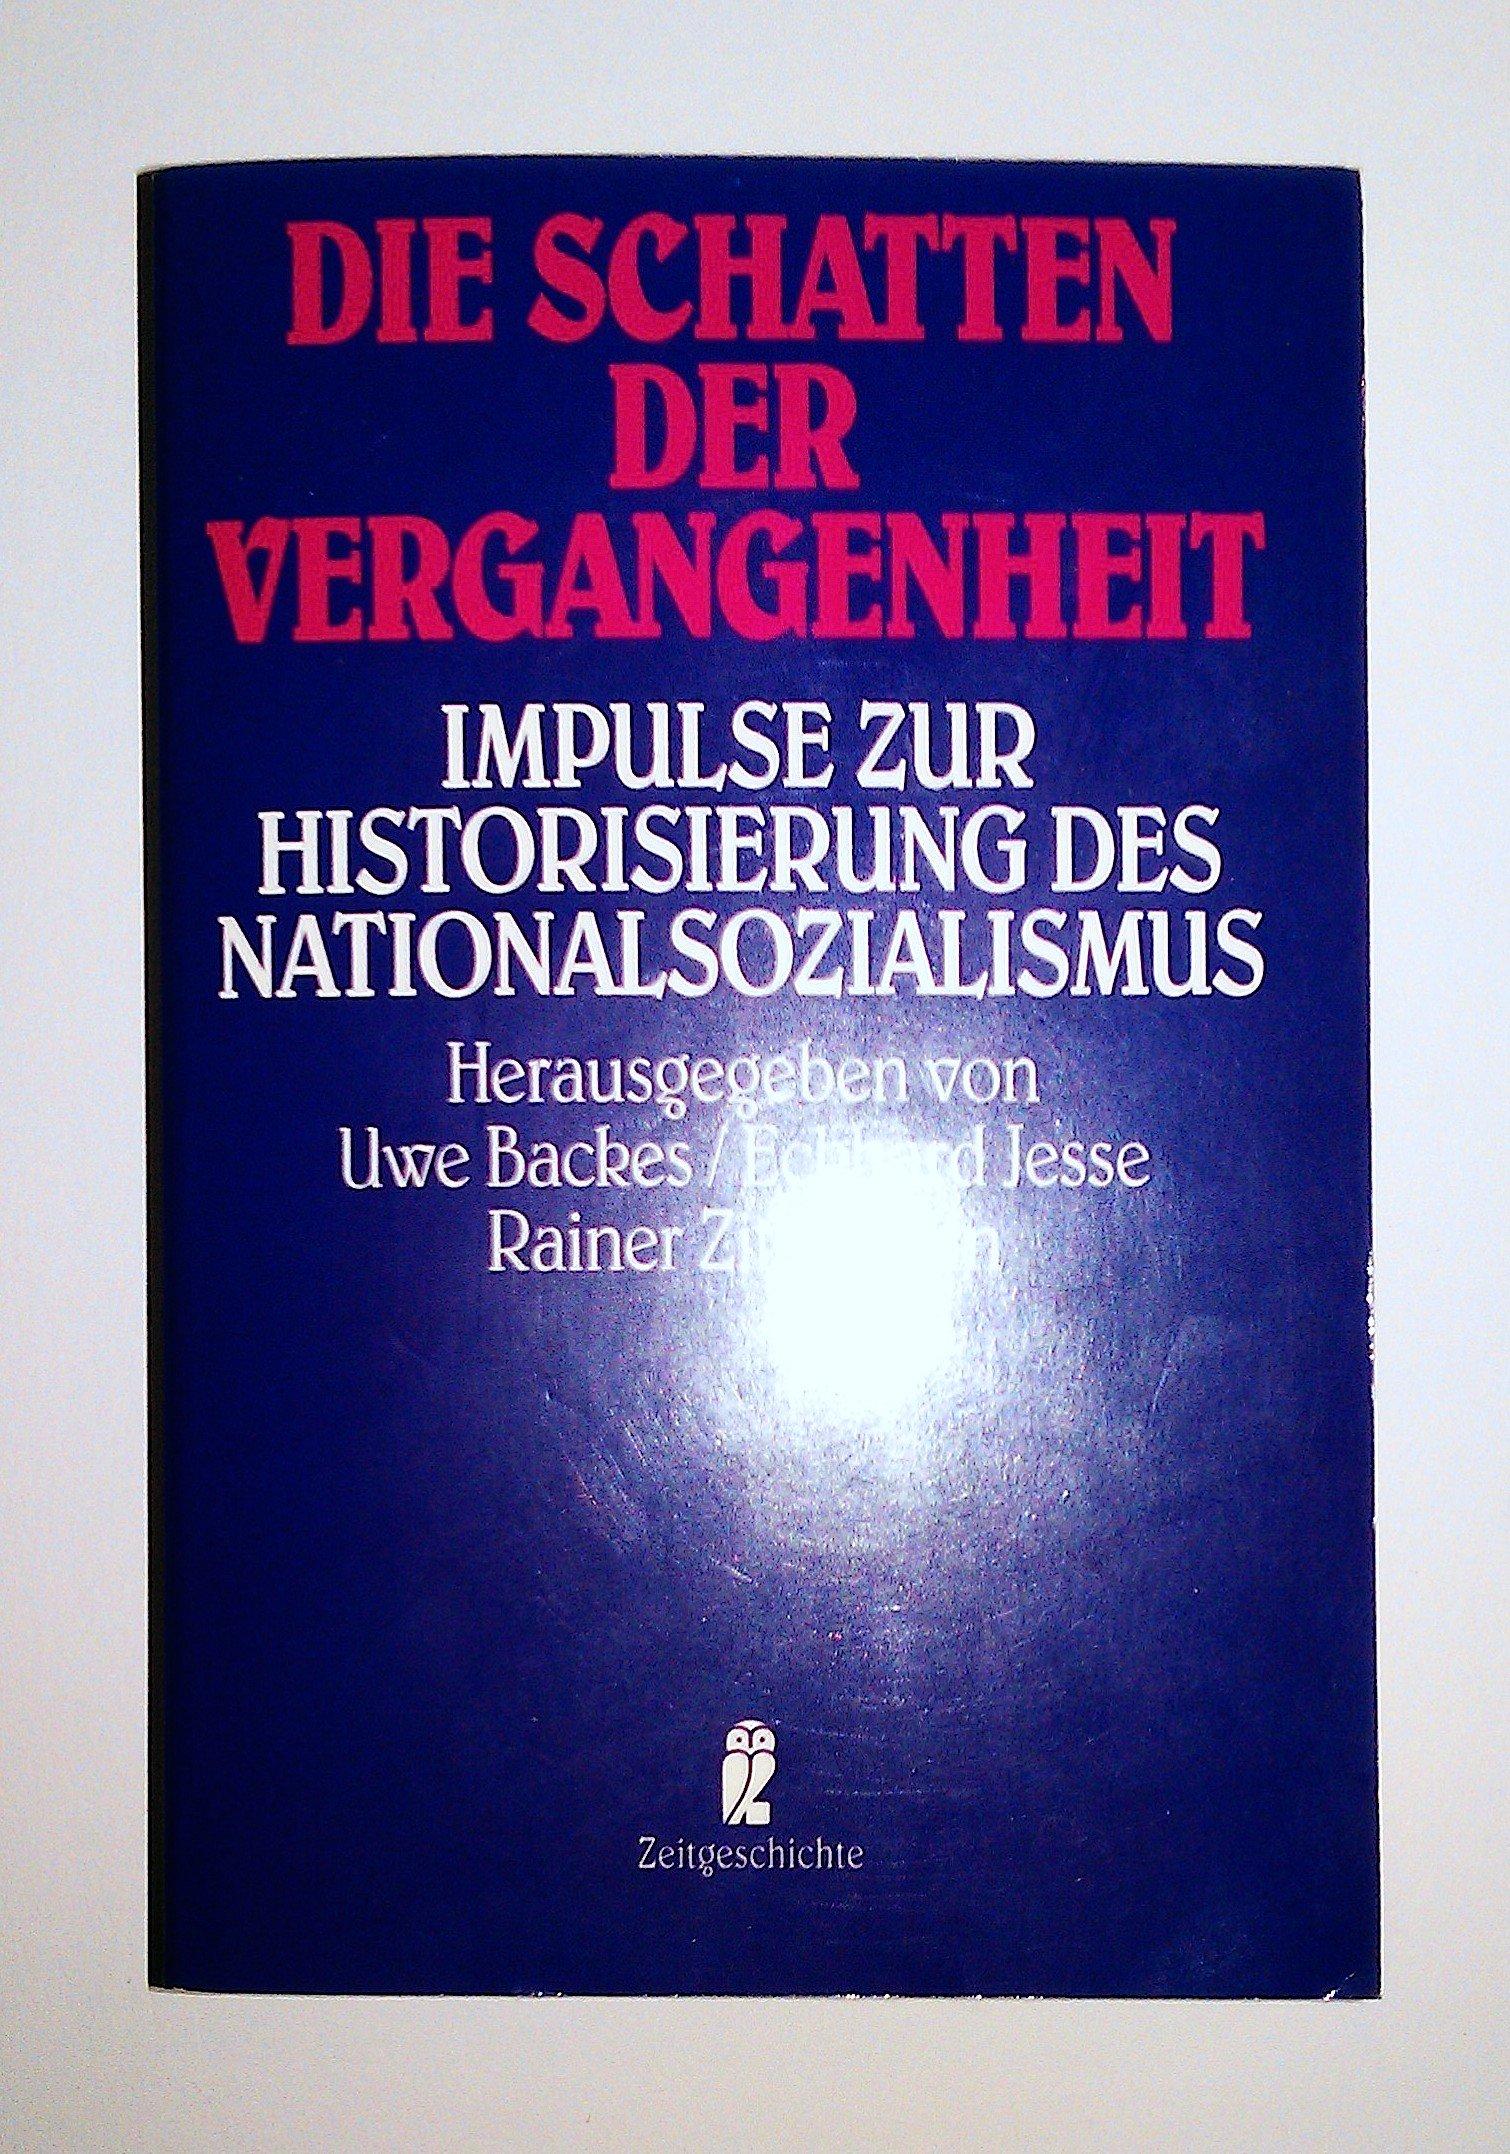 Die Schatten der Vergangenheit. Impulse zur Historisierung des Nationalsozialismus.